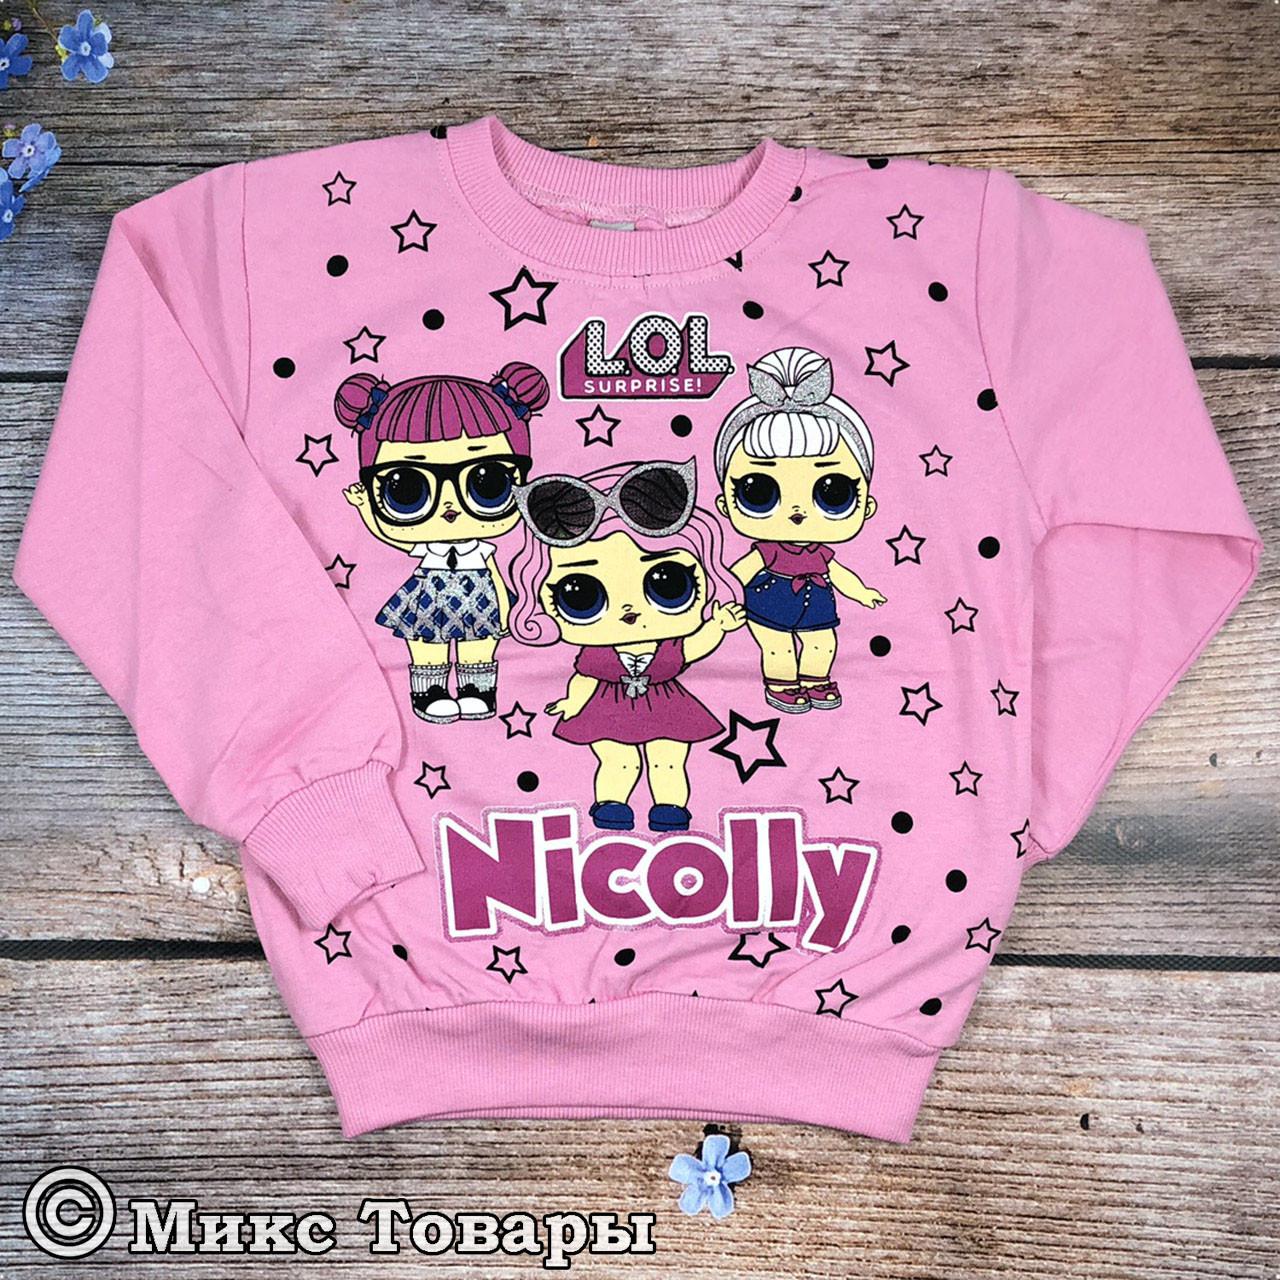 """Джемпер для девочки """"Nicolly"""" Размеры: 110,116,122,128 см (7692-1)"""